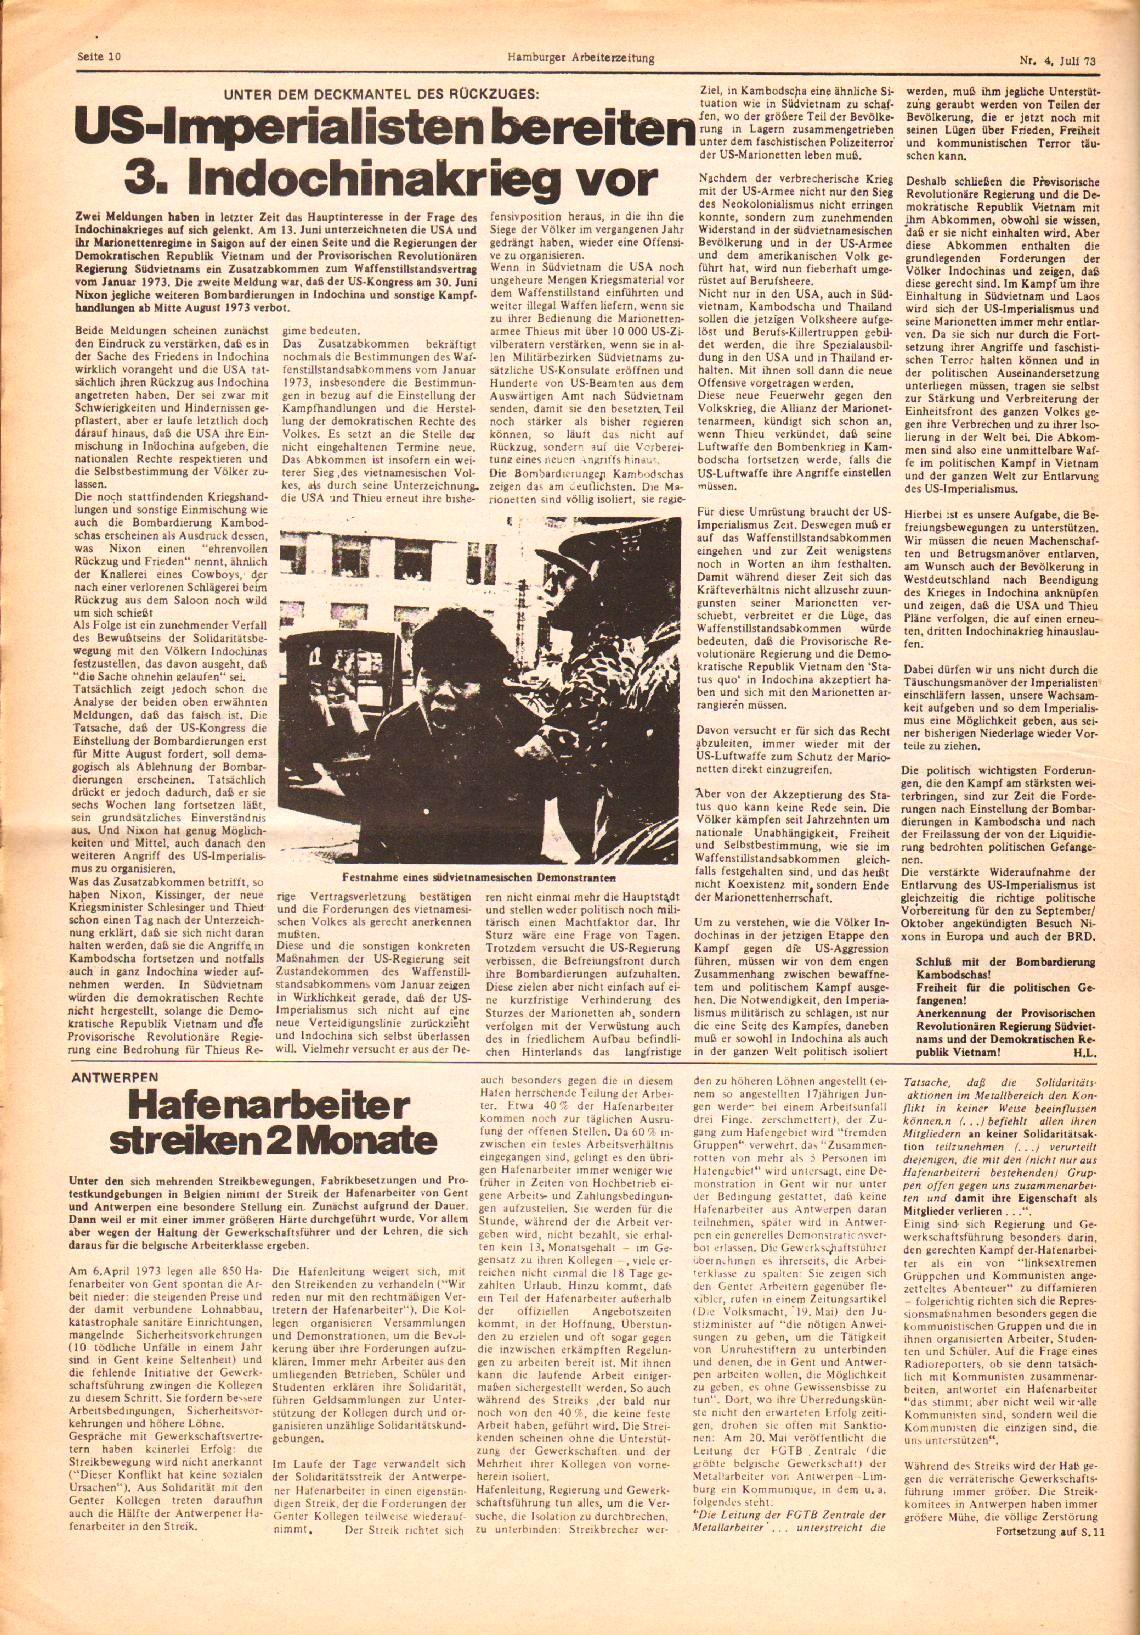 Hamburger_Arbeiterzeitung074